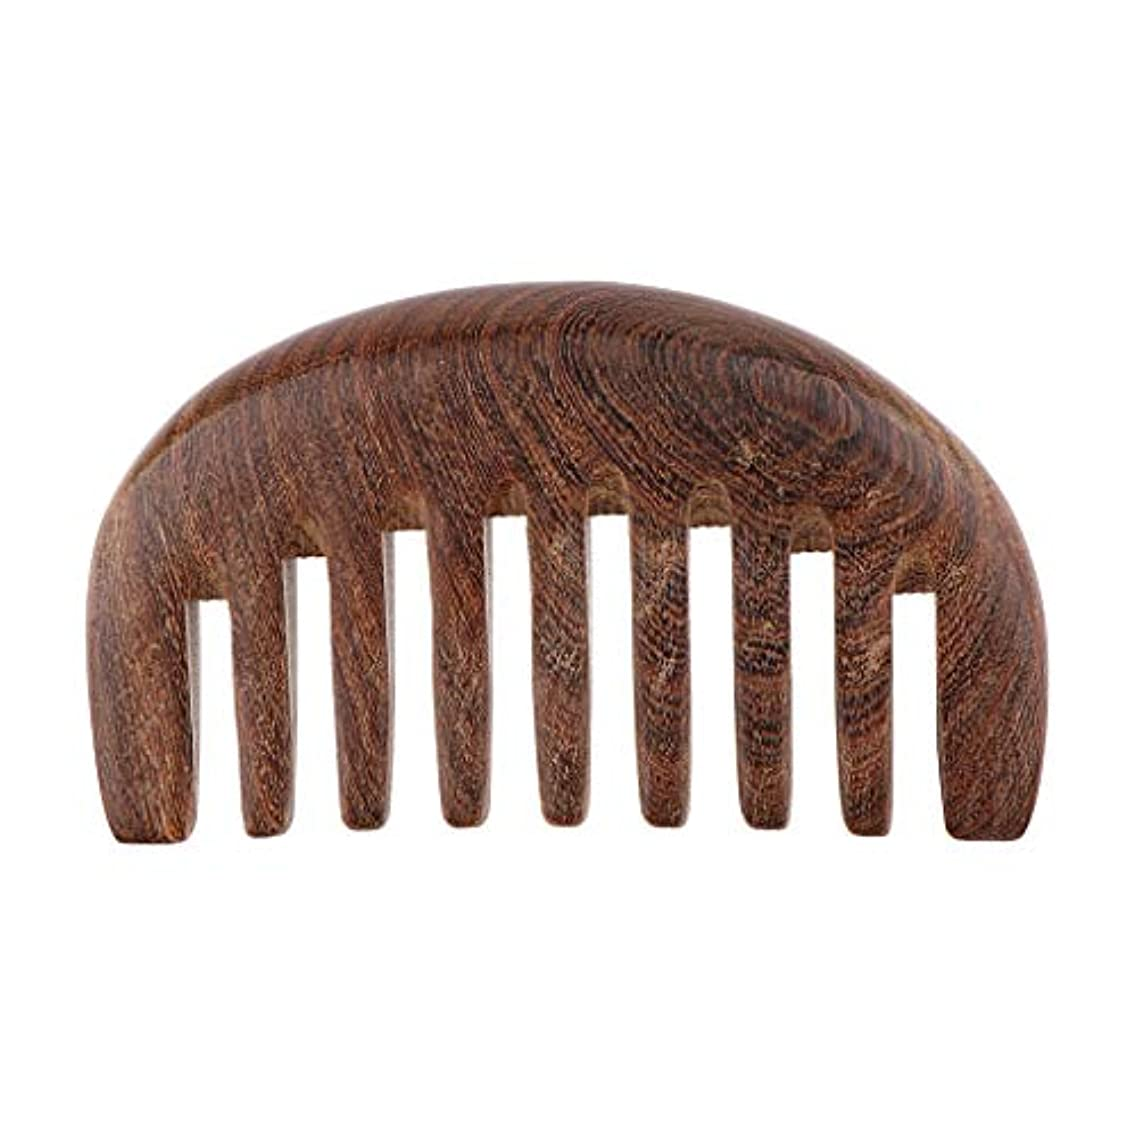 地図認可酔ってくし コーム 荒め 櫛 木製 美髪ケア サンダルウッド製 帯電防止 毛縮れ避け 3色選べ - クロロフォラ